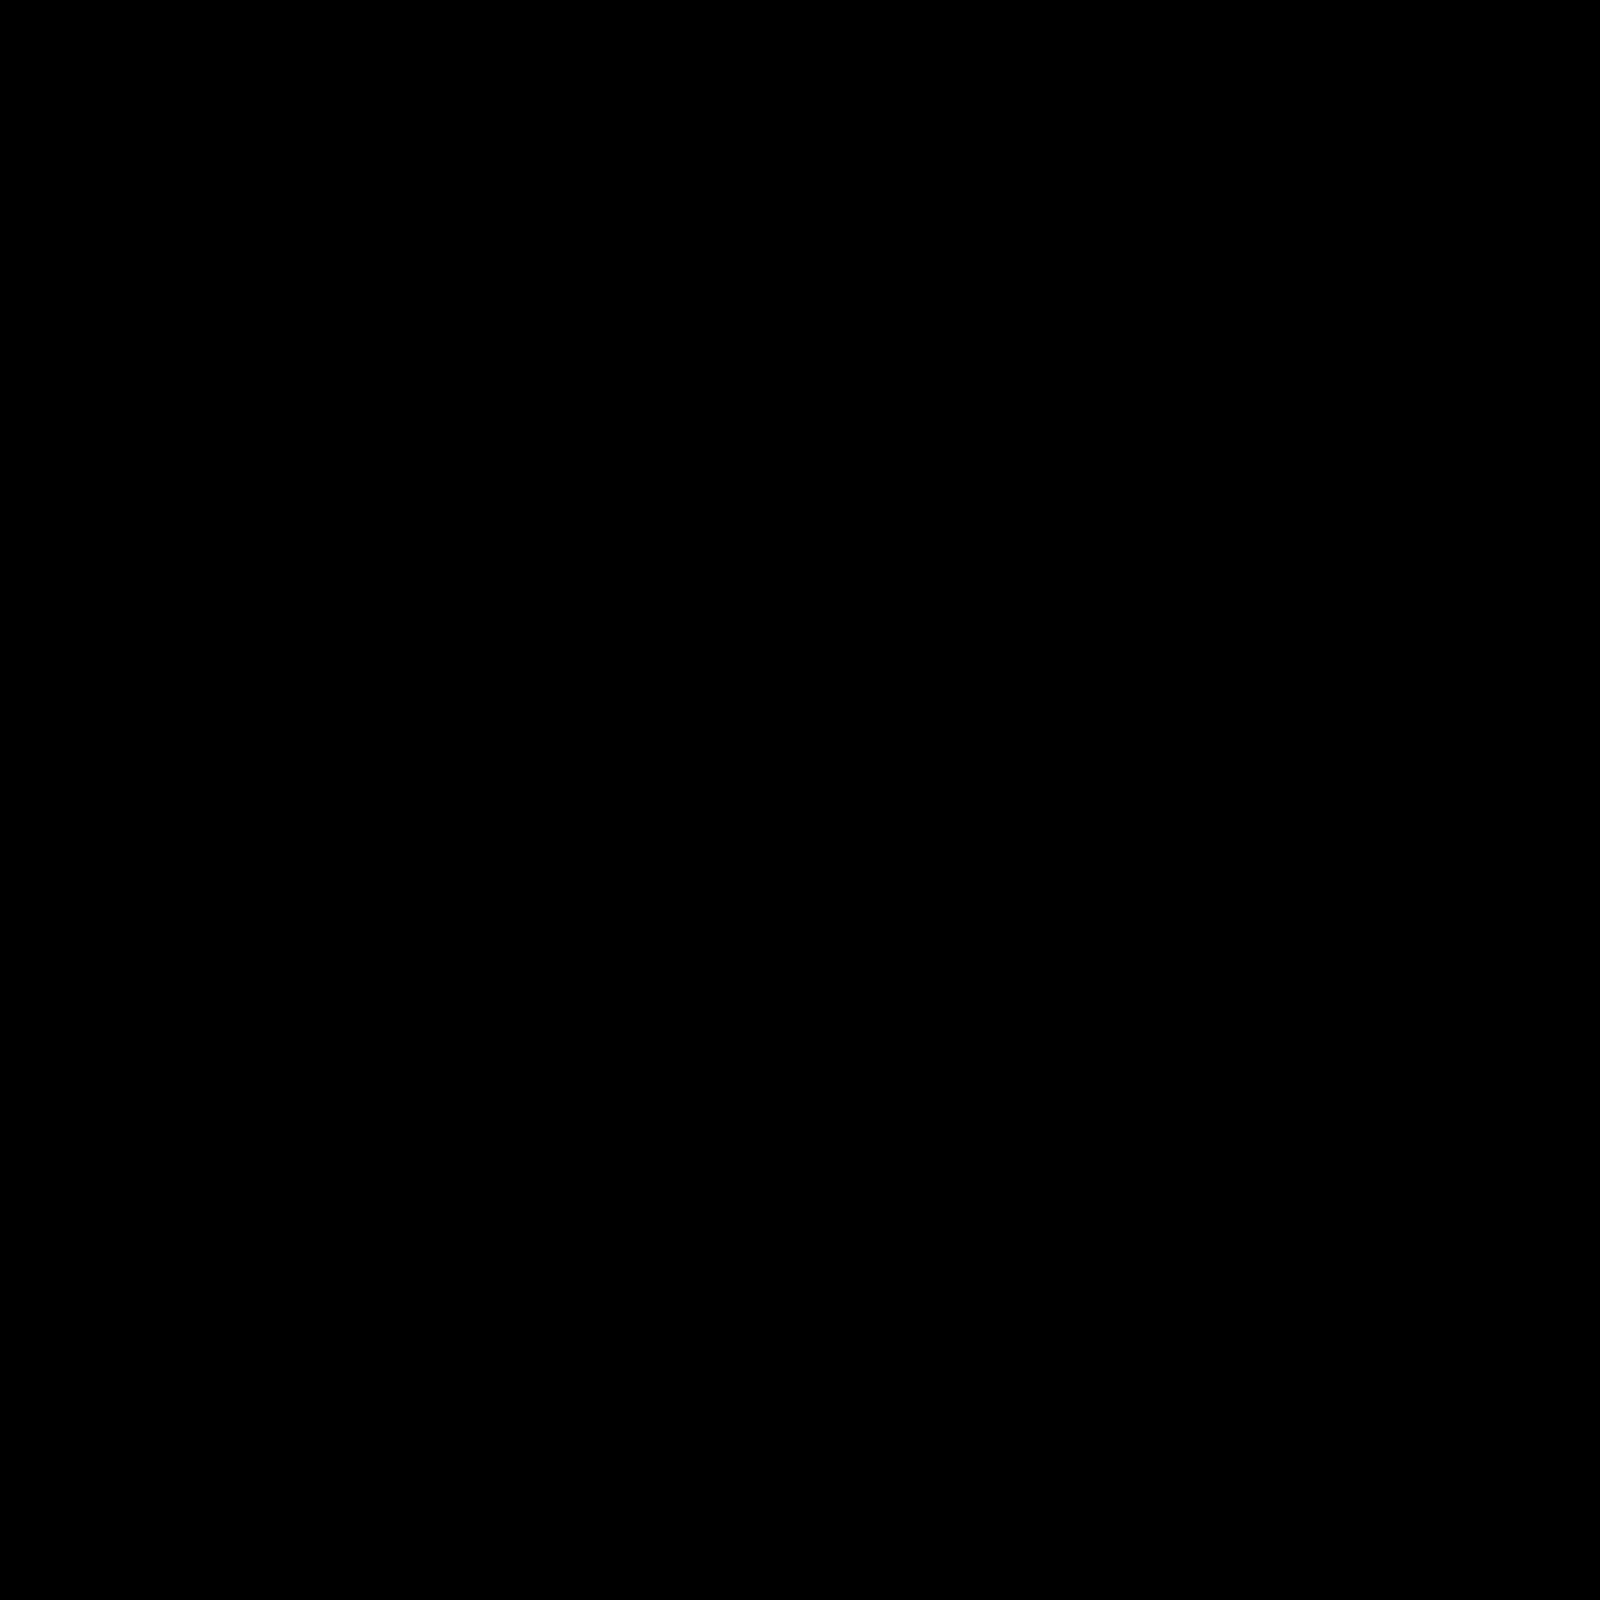 三角形 icon. The image is of a shape that has three sides. These three sides are all equal in lengths as well as angles. Noted that there are three angles; each angle connecting to one another to form this shape. These three angles are about sixty degrees each.